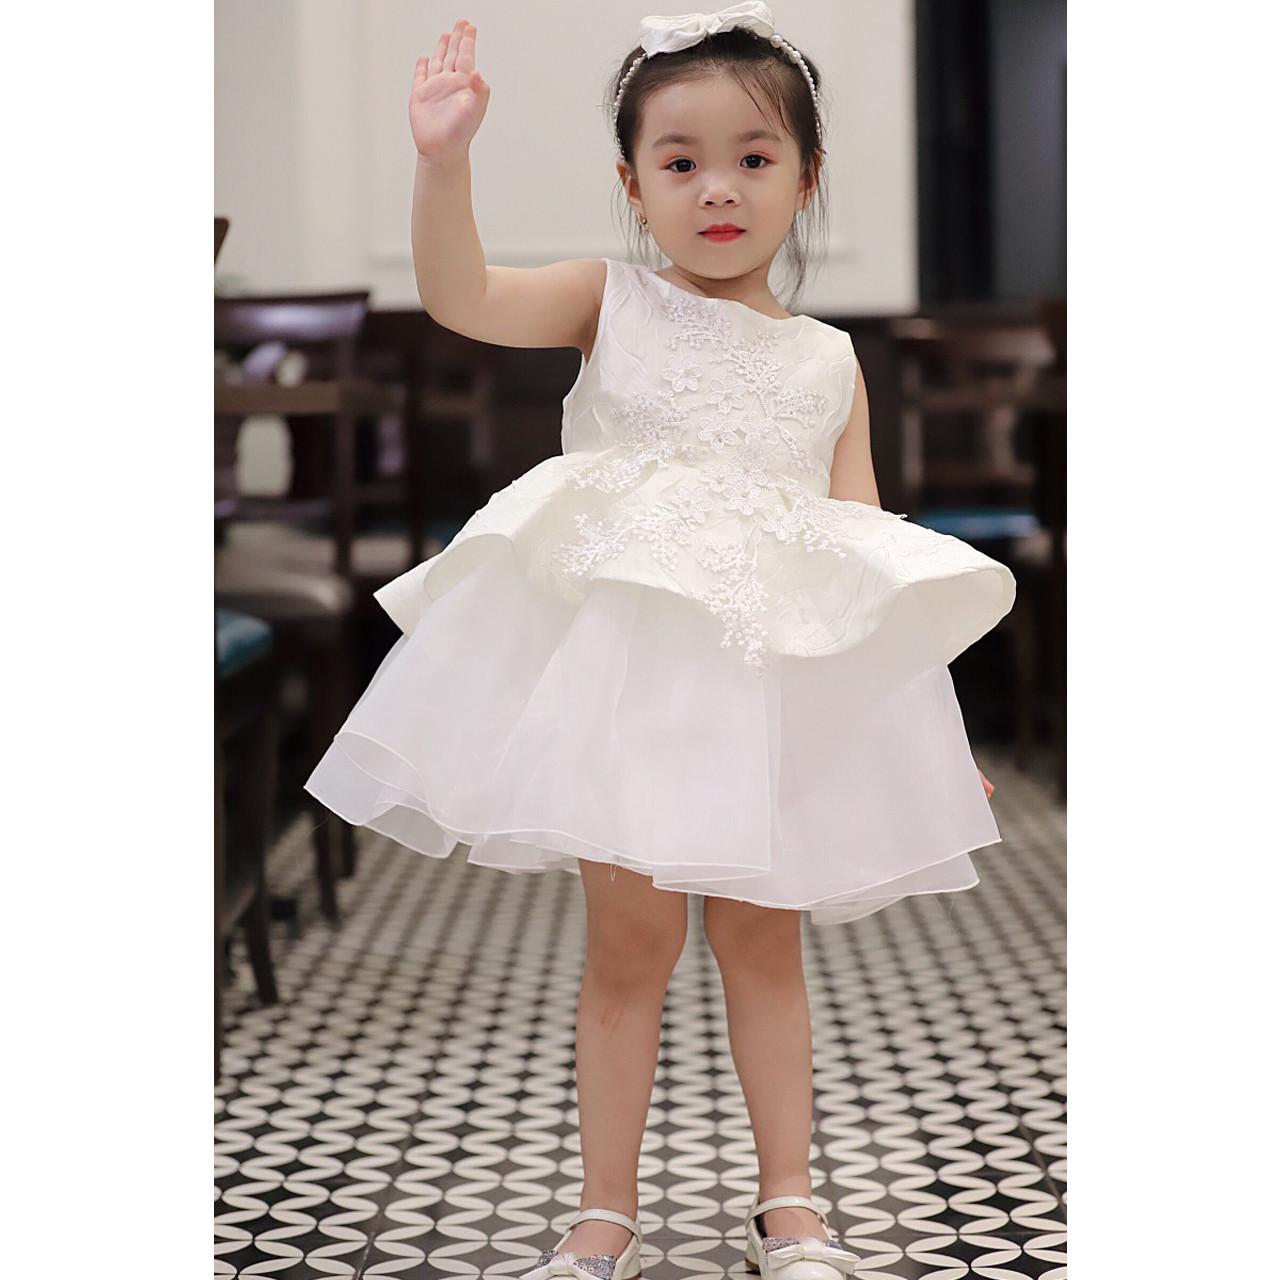 Đầm tầng xòe dạ tiệc bé gái size 2-7 (10-24kg)